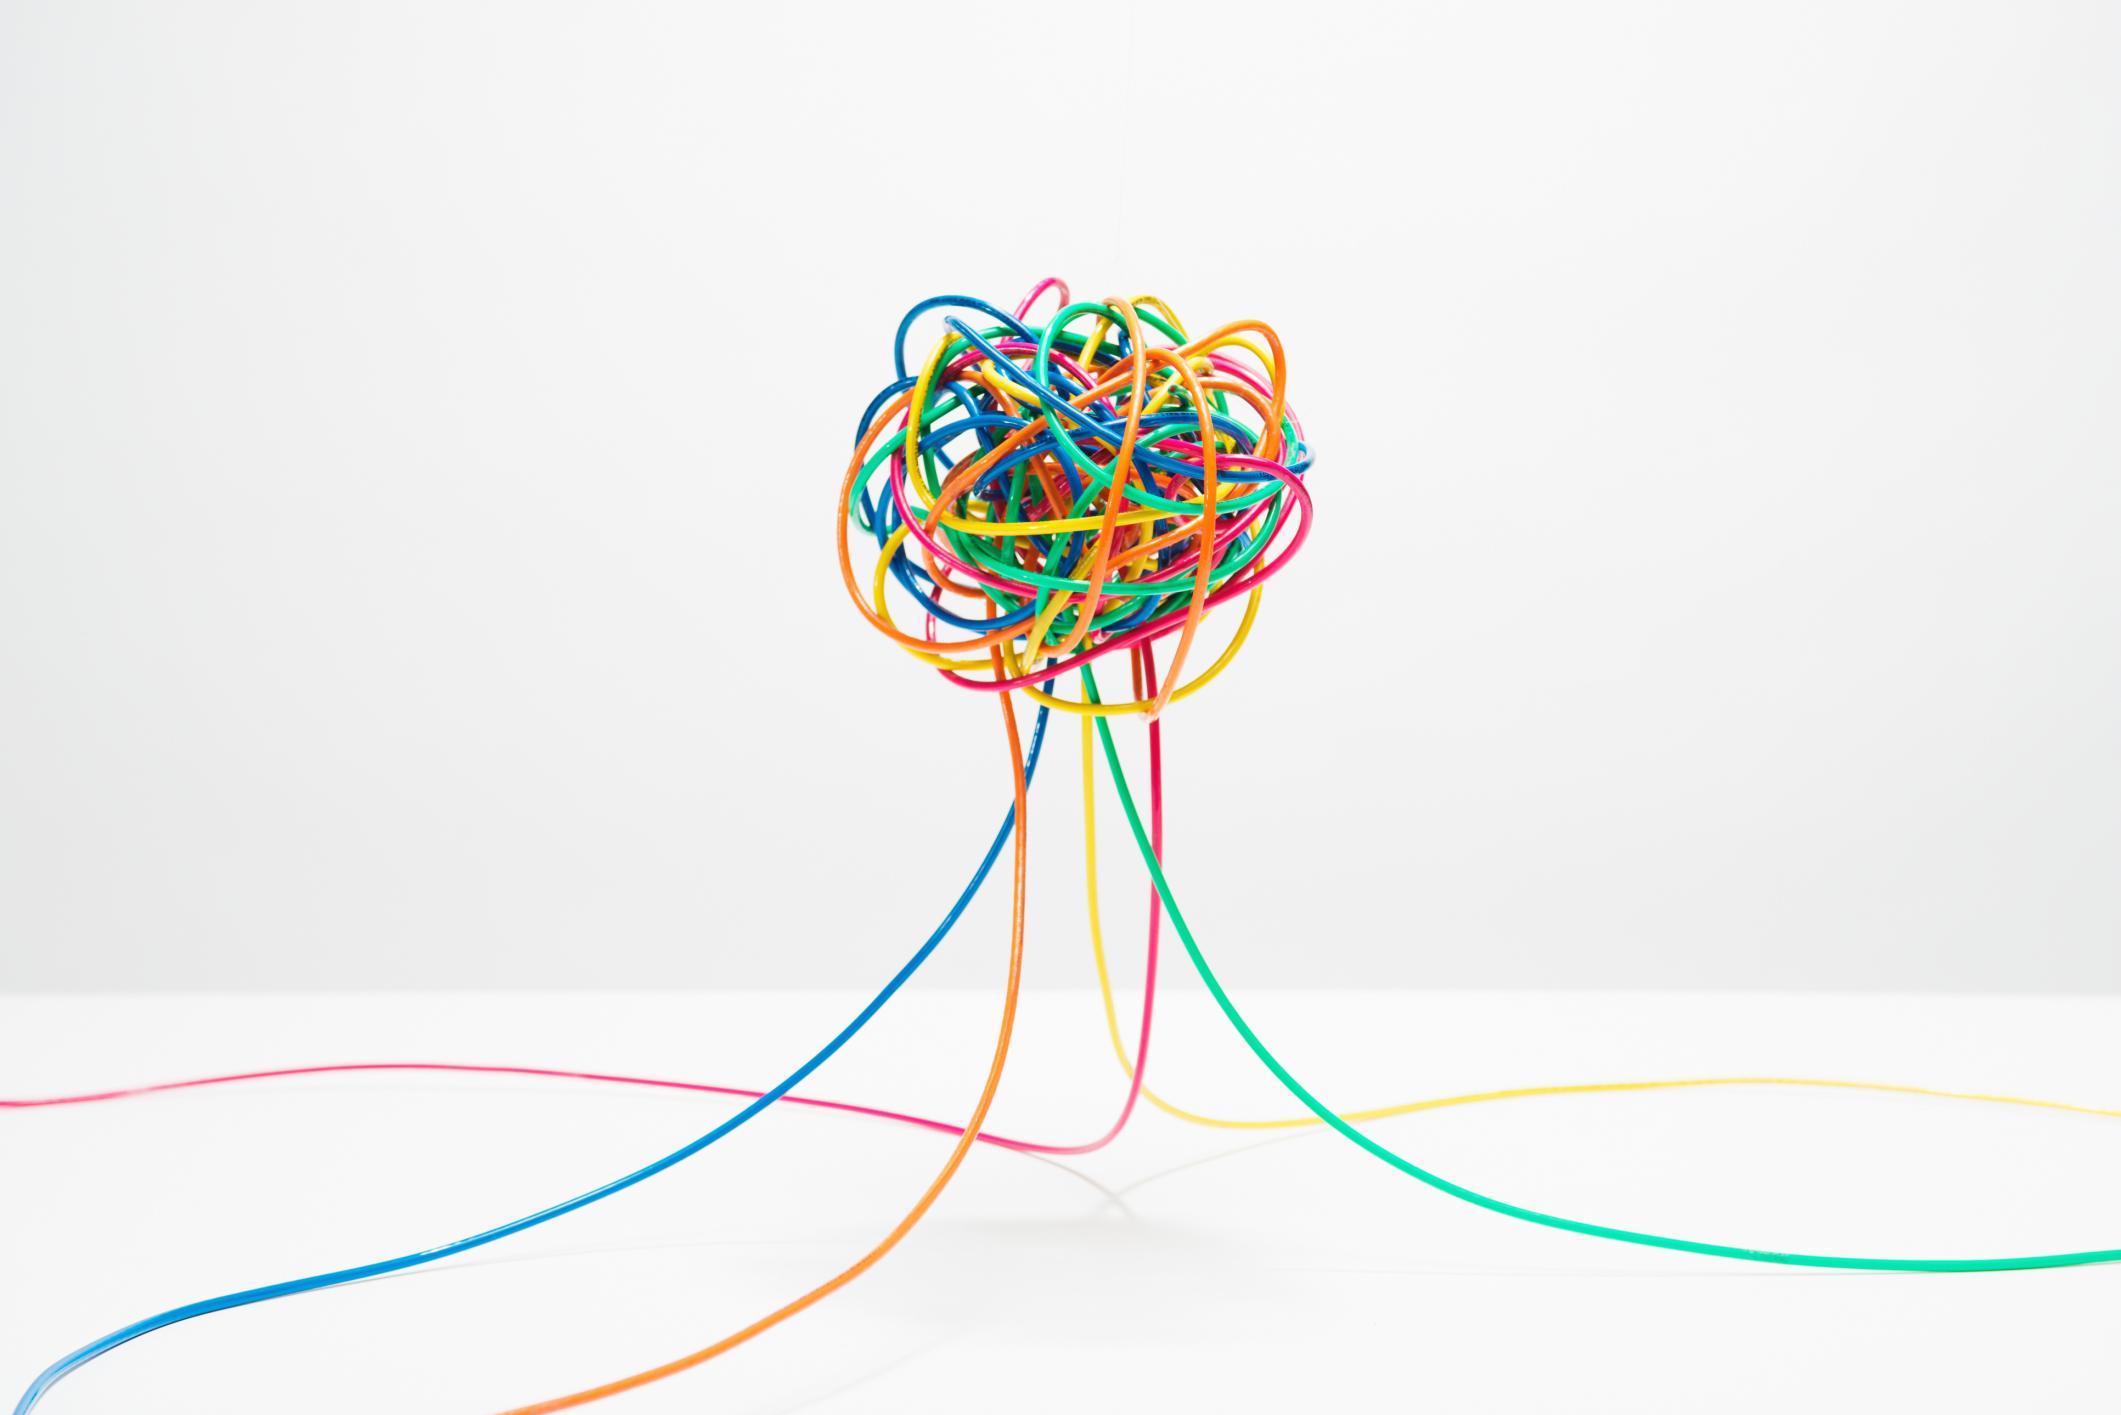 Tangle of Multi Colored Wire